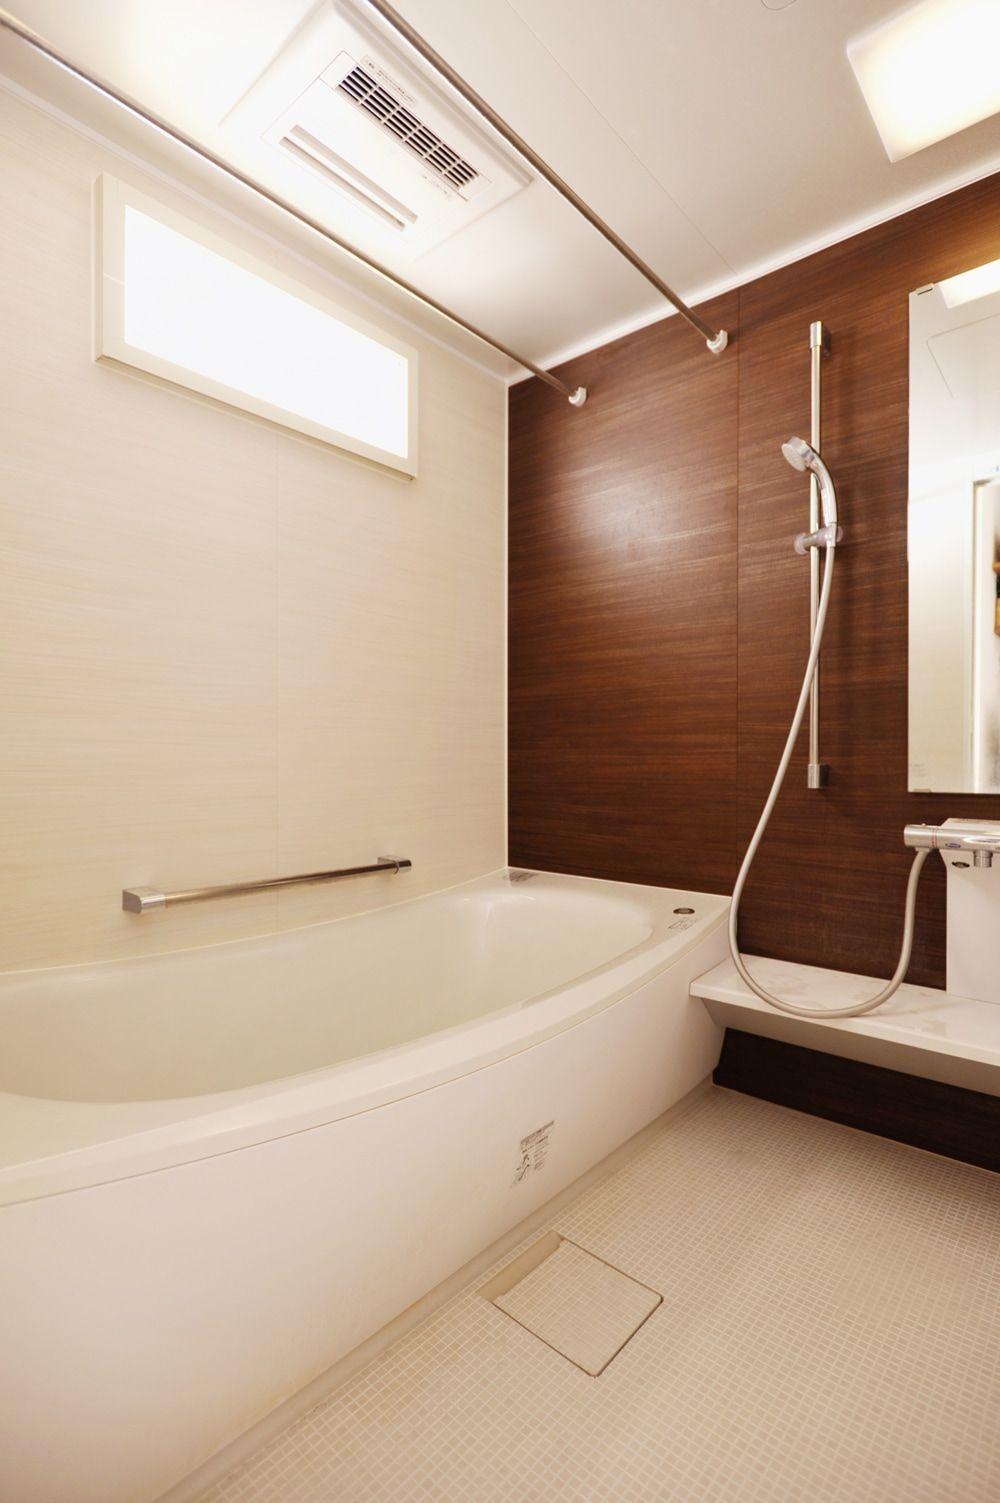 リフォーム リノベーションの事例 浴室 風呂 施工事例no 483くつろぎ きたえる エリアと みんなの和みのリビングと